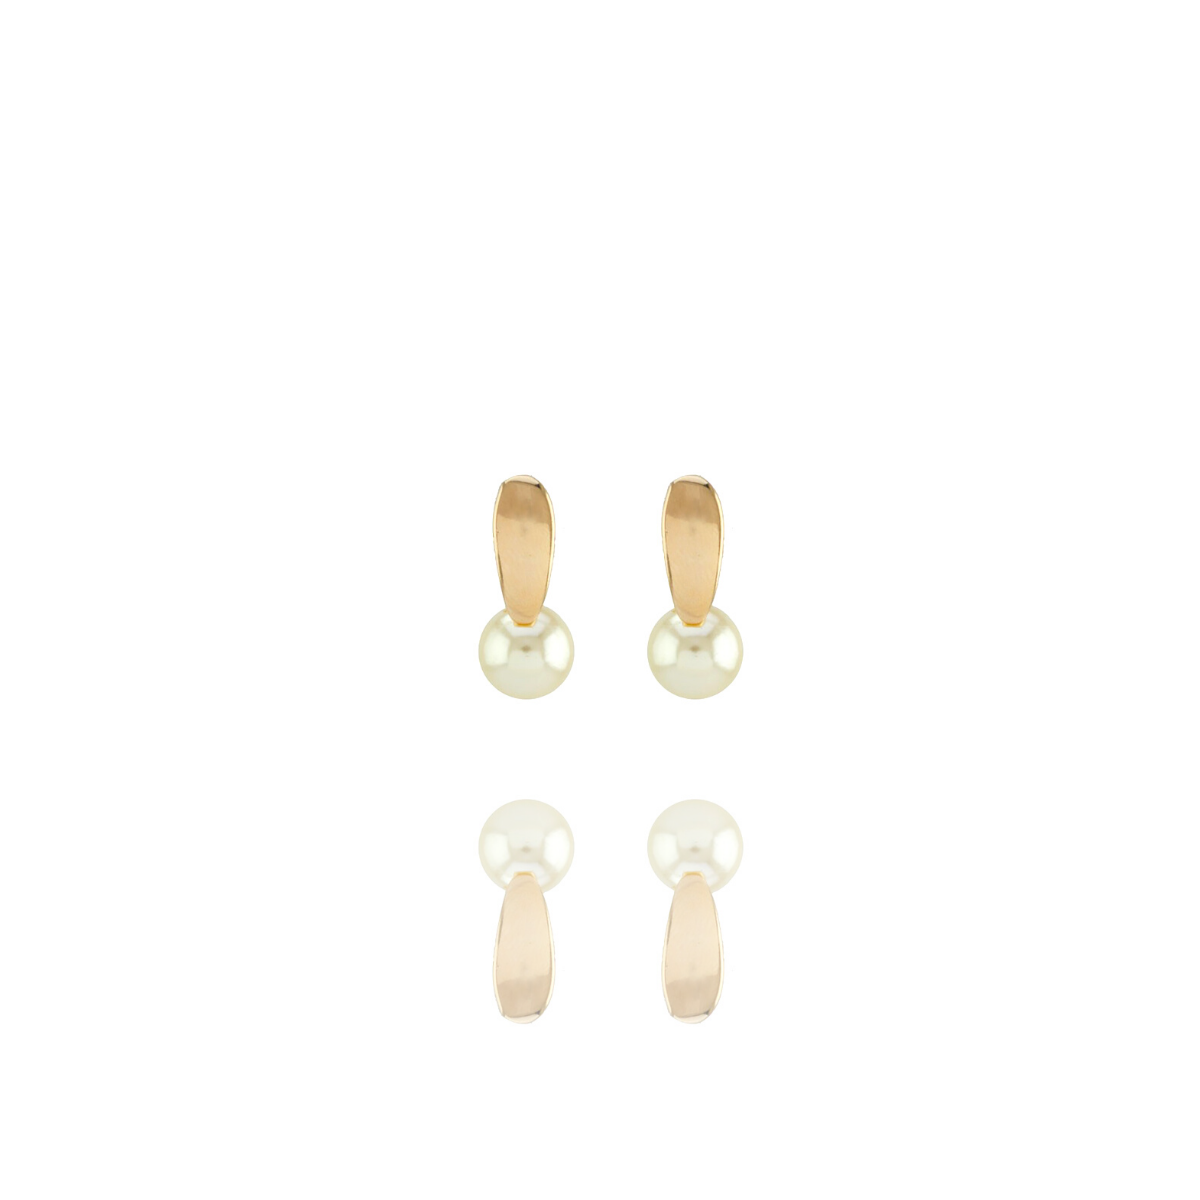 Brinco Barbara Strauss Pireu Em Pérola Lalique, Revestido Em Ouro 18K